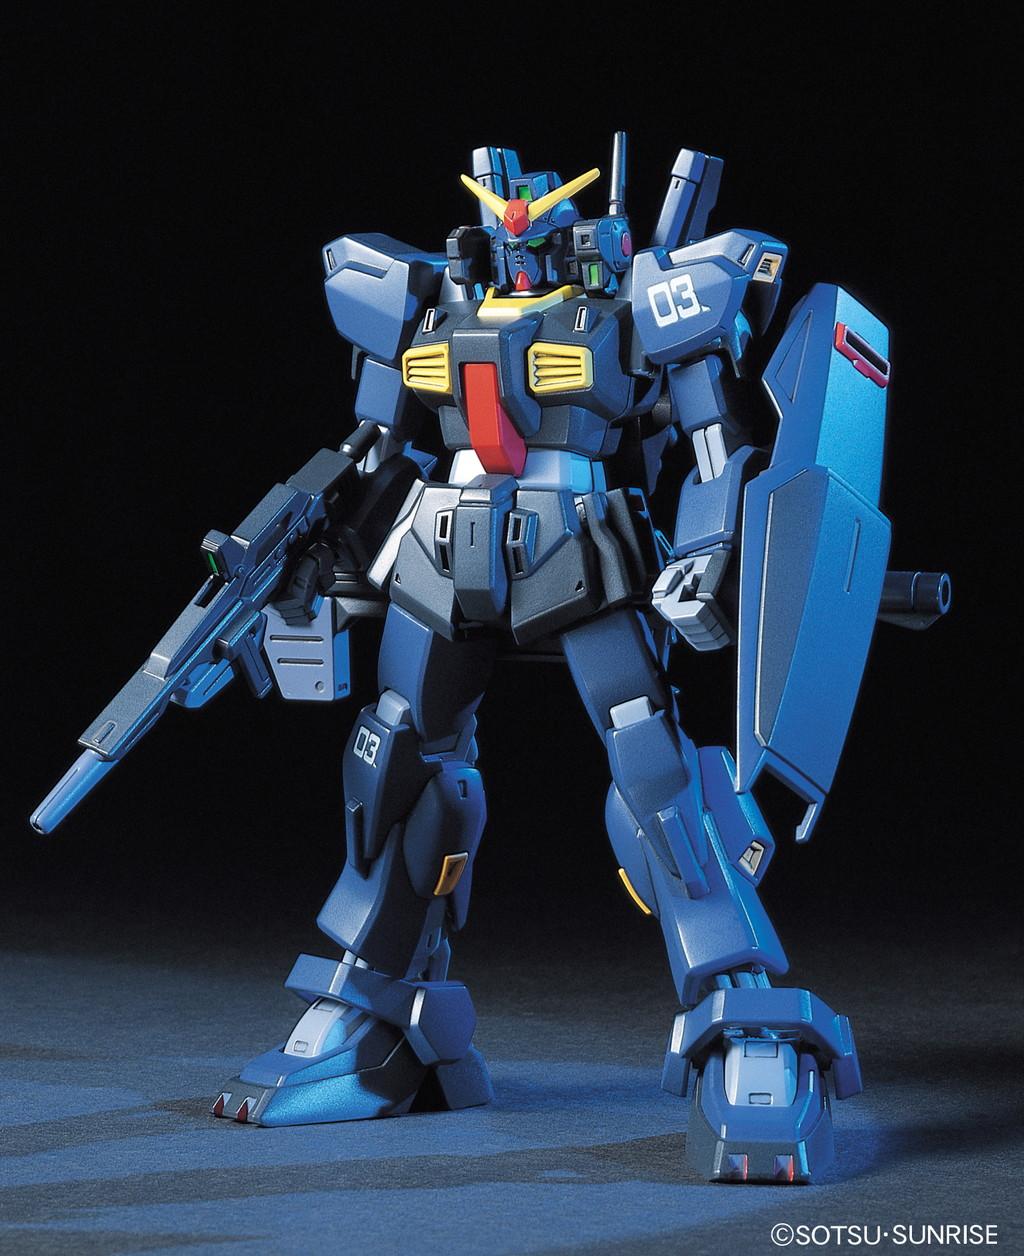 361HGUC 1/144 RX-178 ガンダムMk-II(ティターンズ)[Gundam Mk-II (Titans colors)]